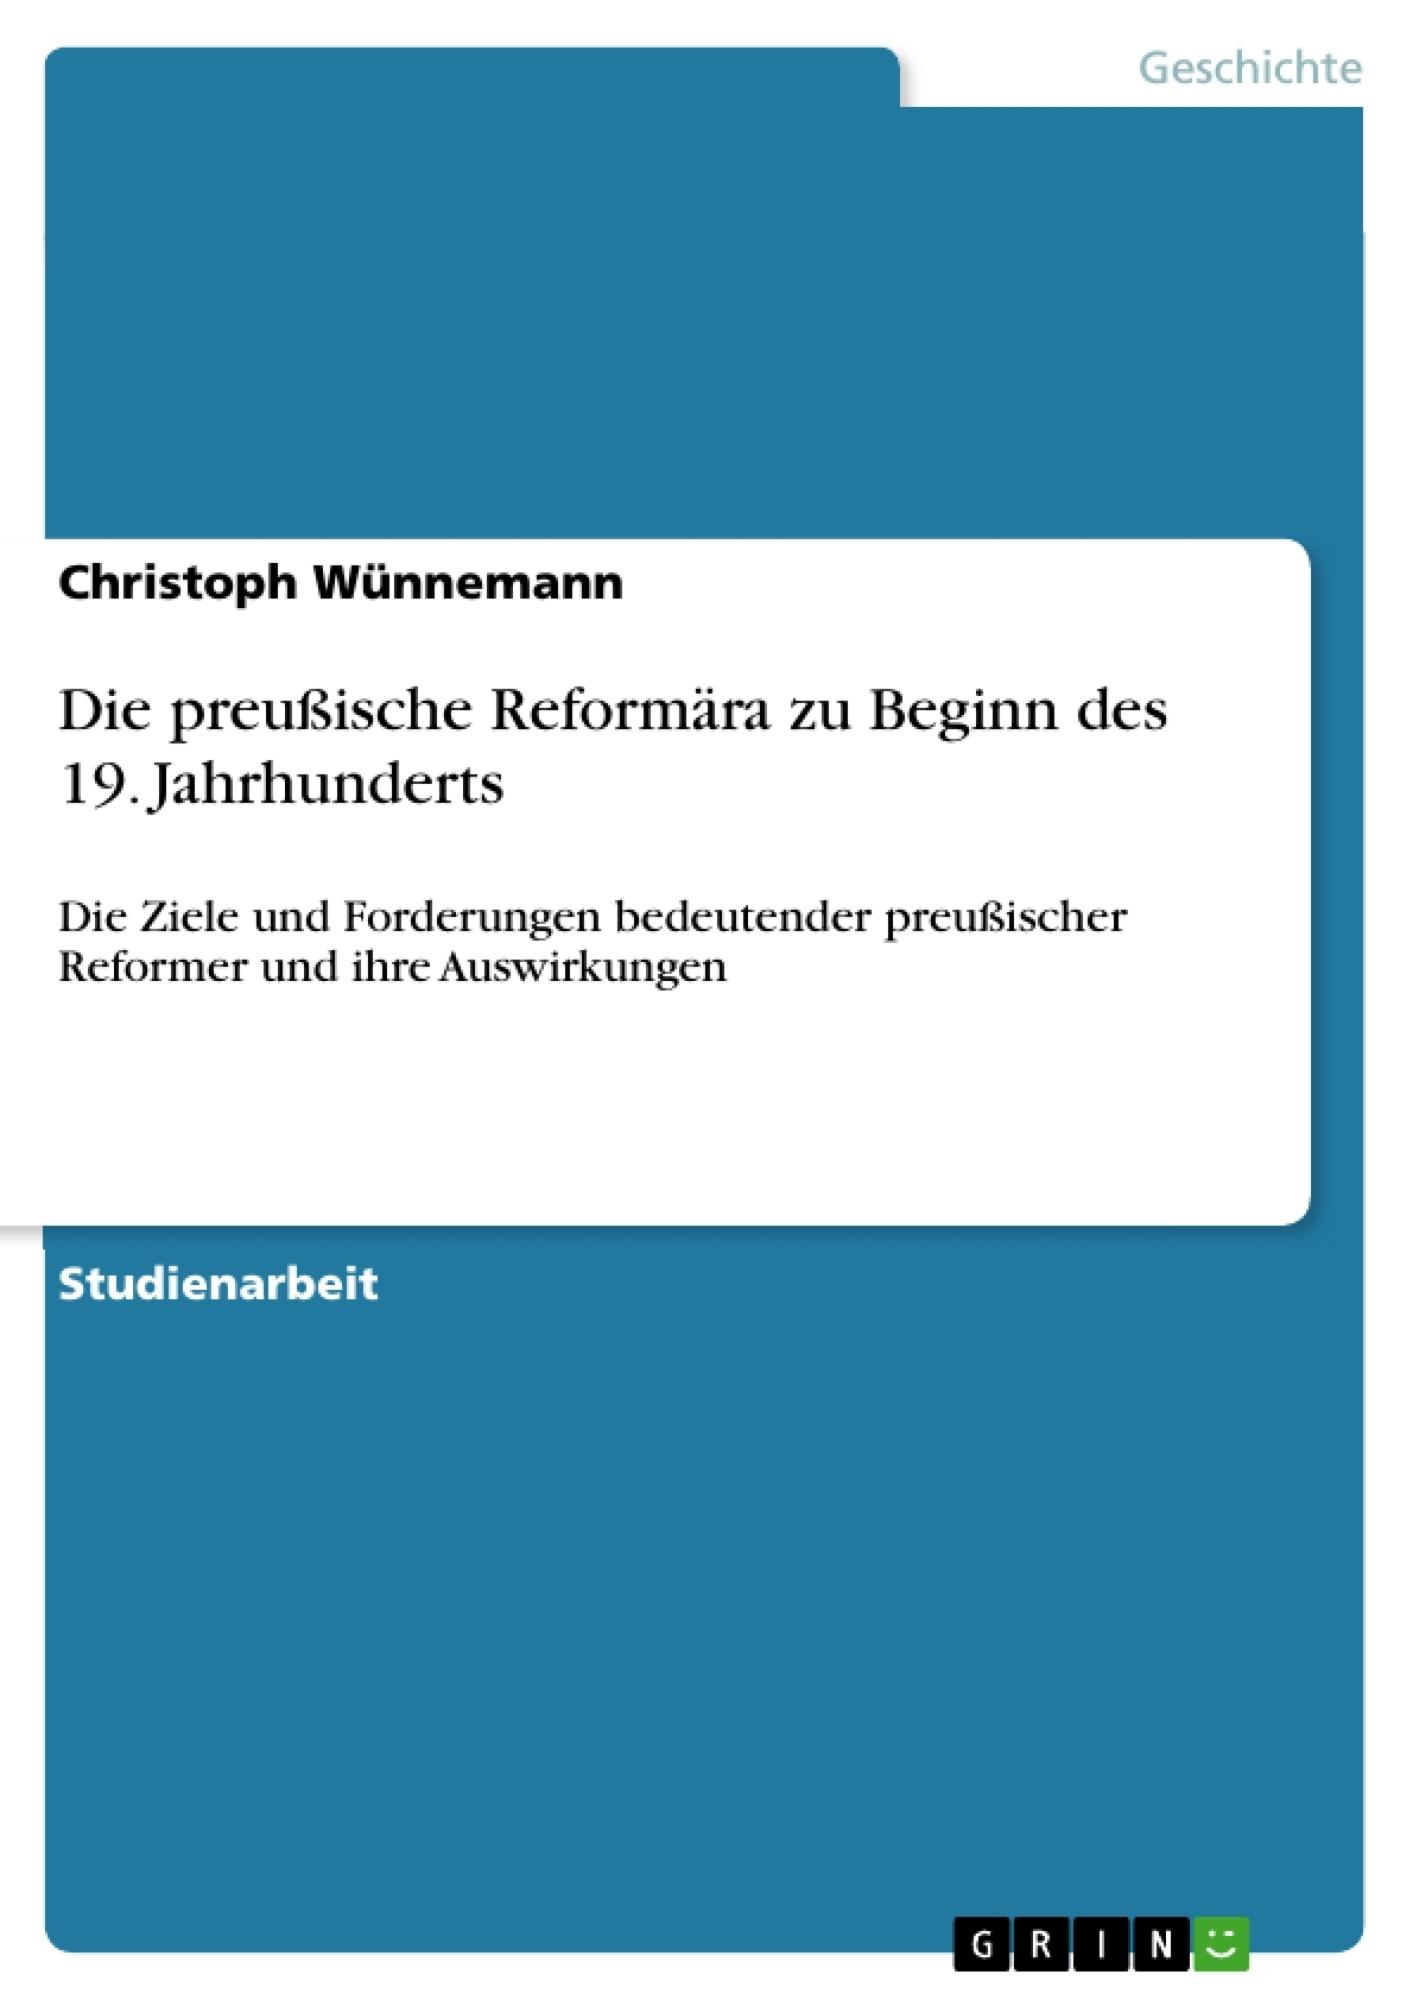 Titel: Die preußische Reformära zu Beginn des 19. Jahrhunderts